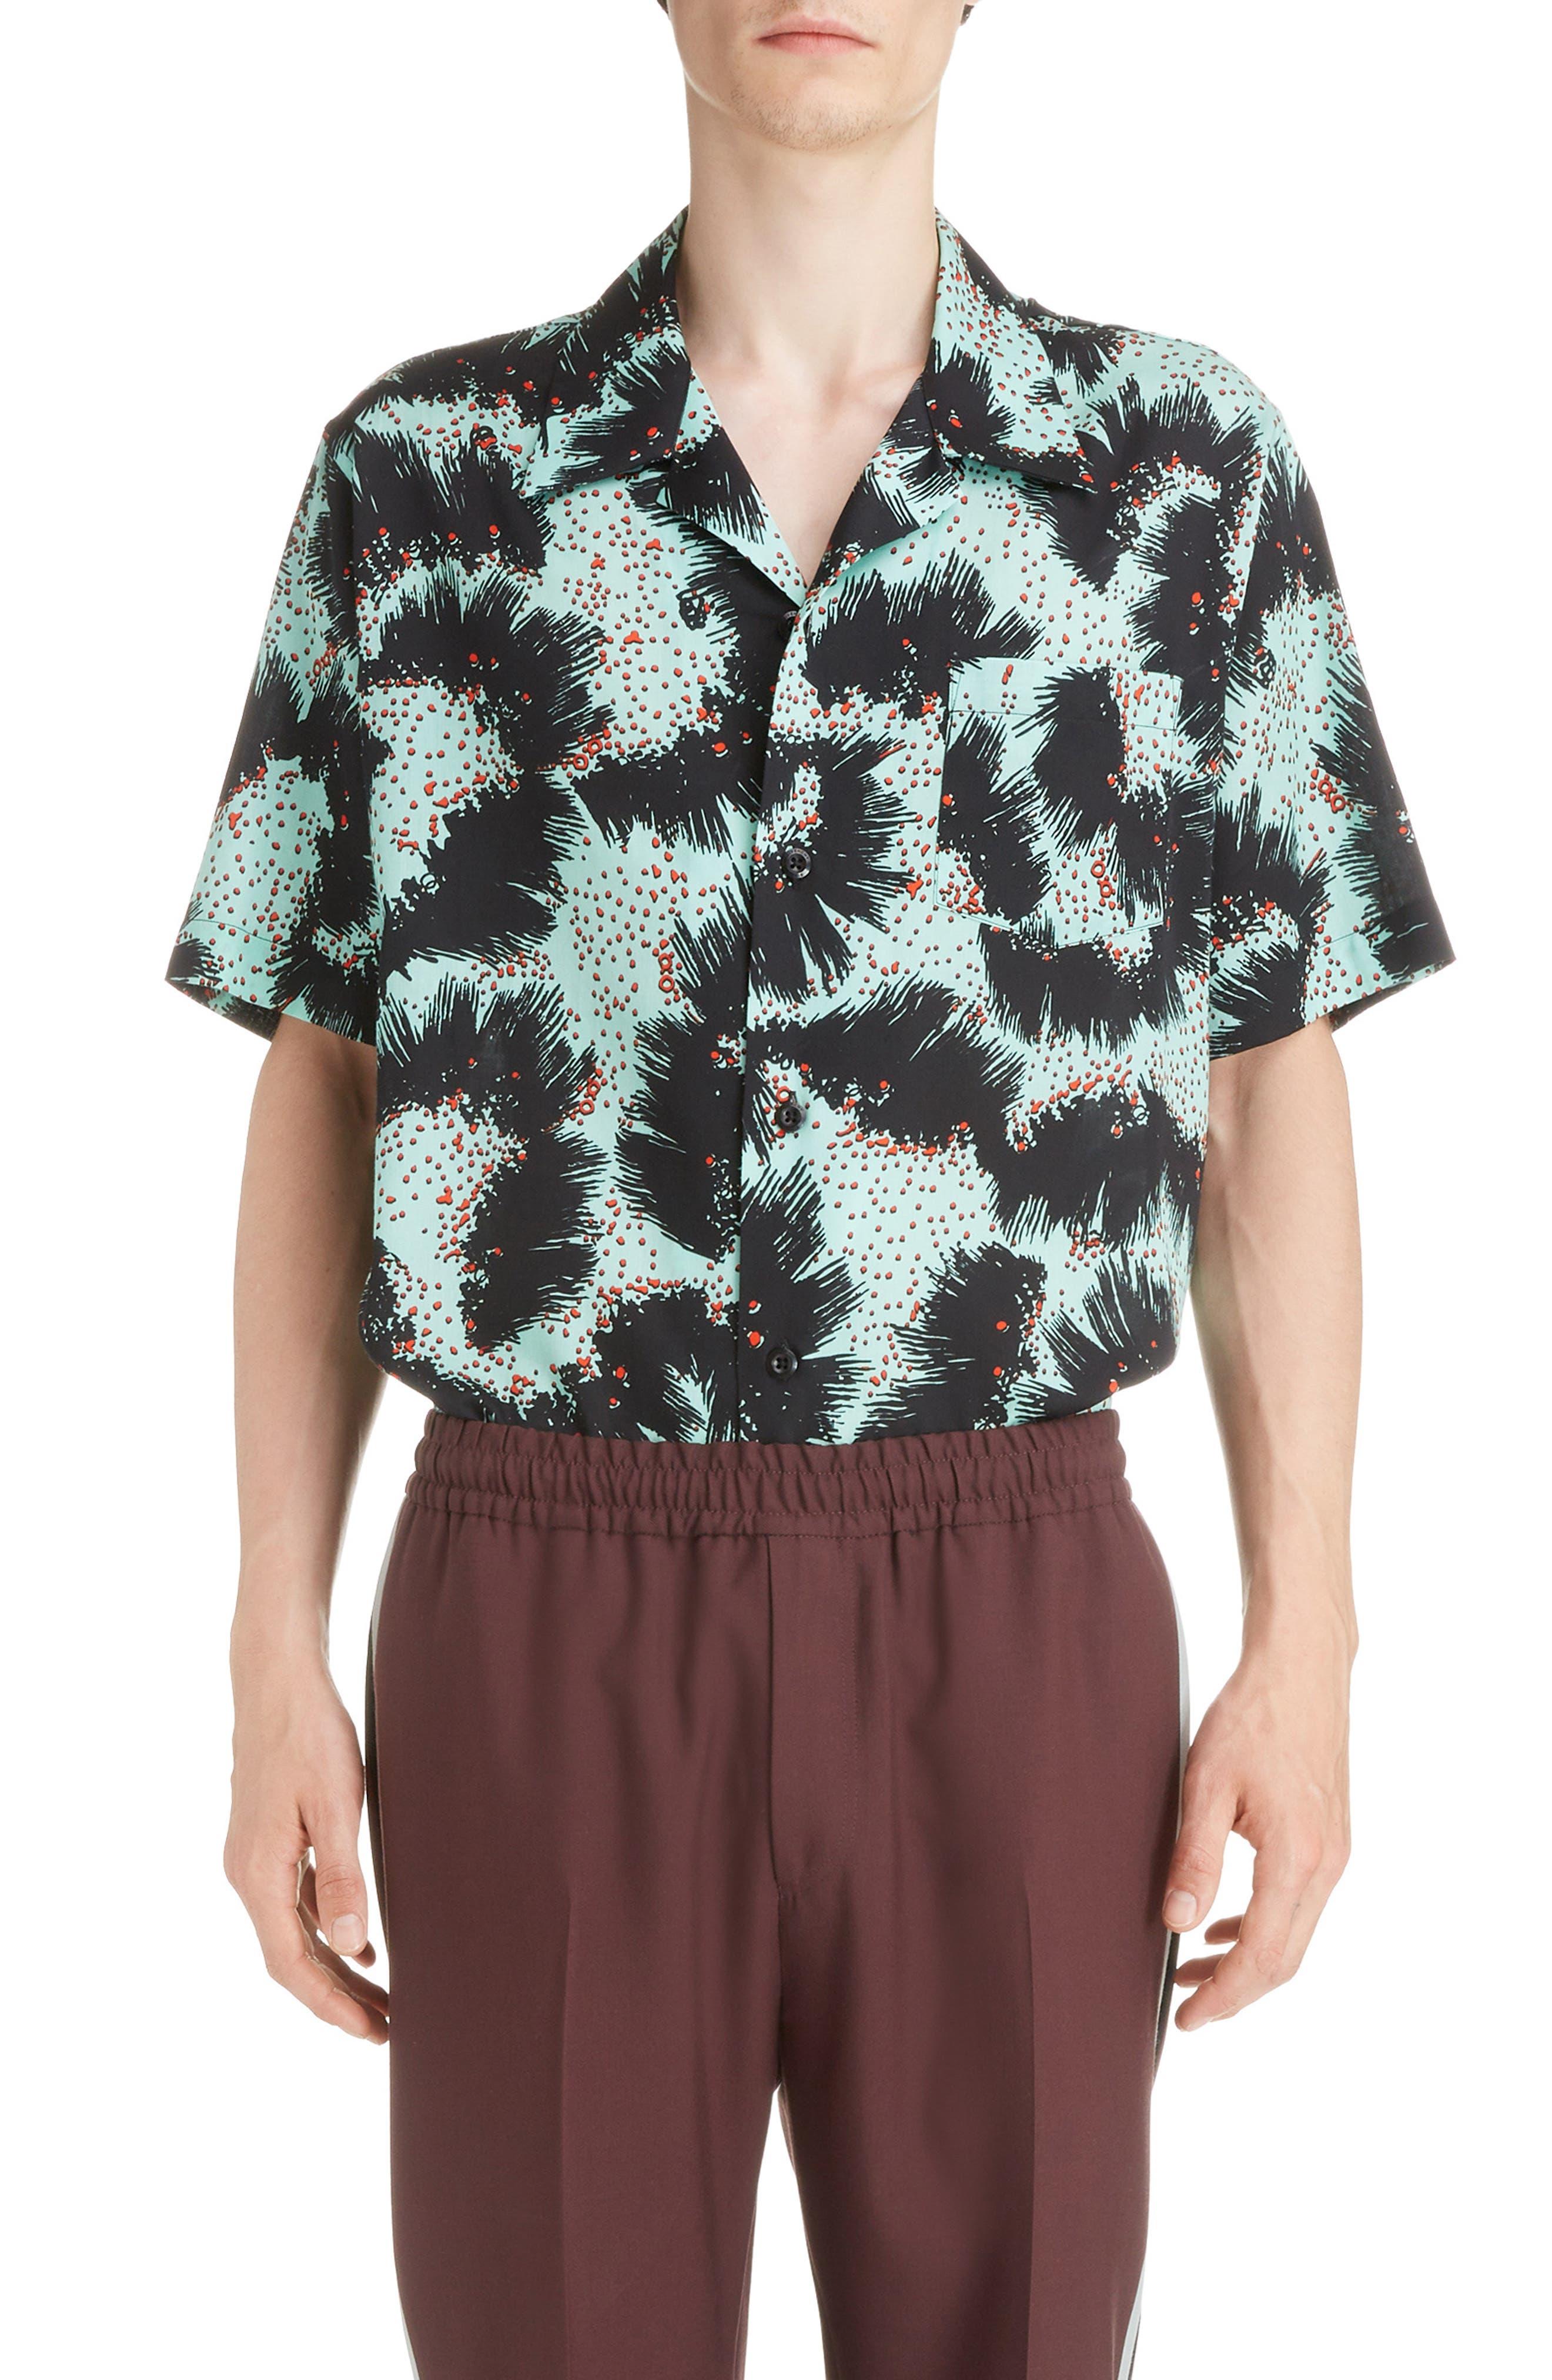 Rock Urchin Camp Shirt,                             Main thumbnail 1, color,                             GREEN/BLACK